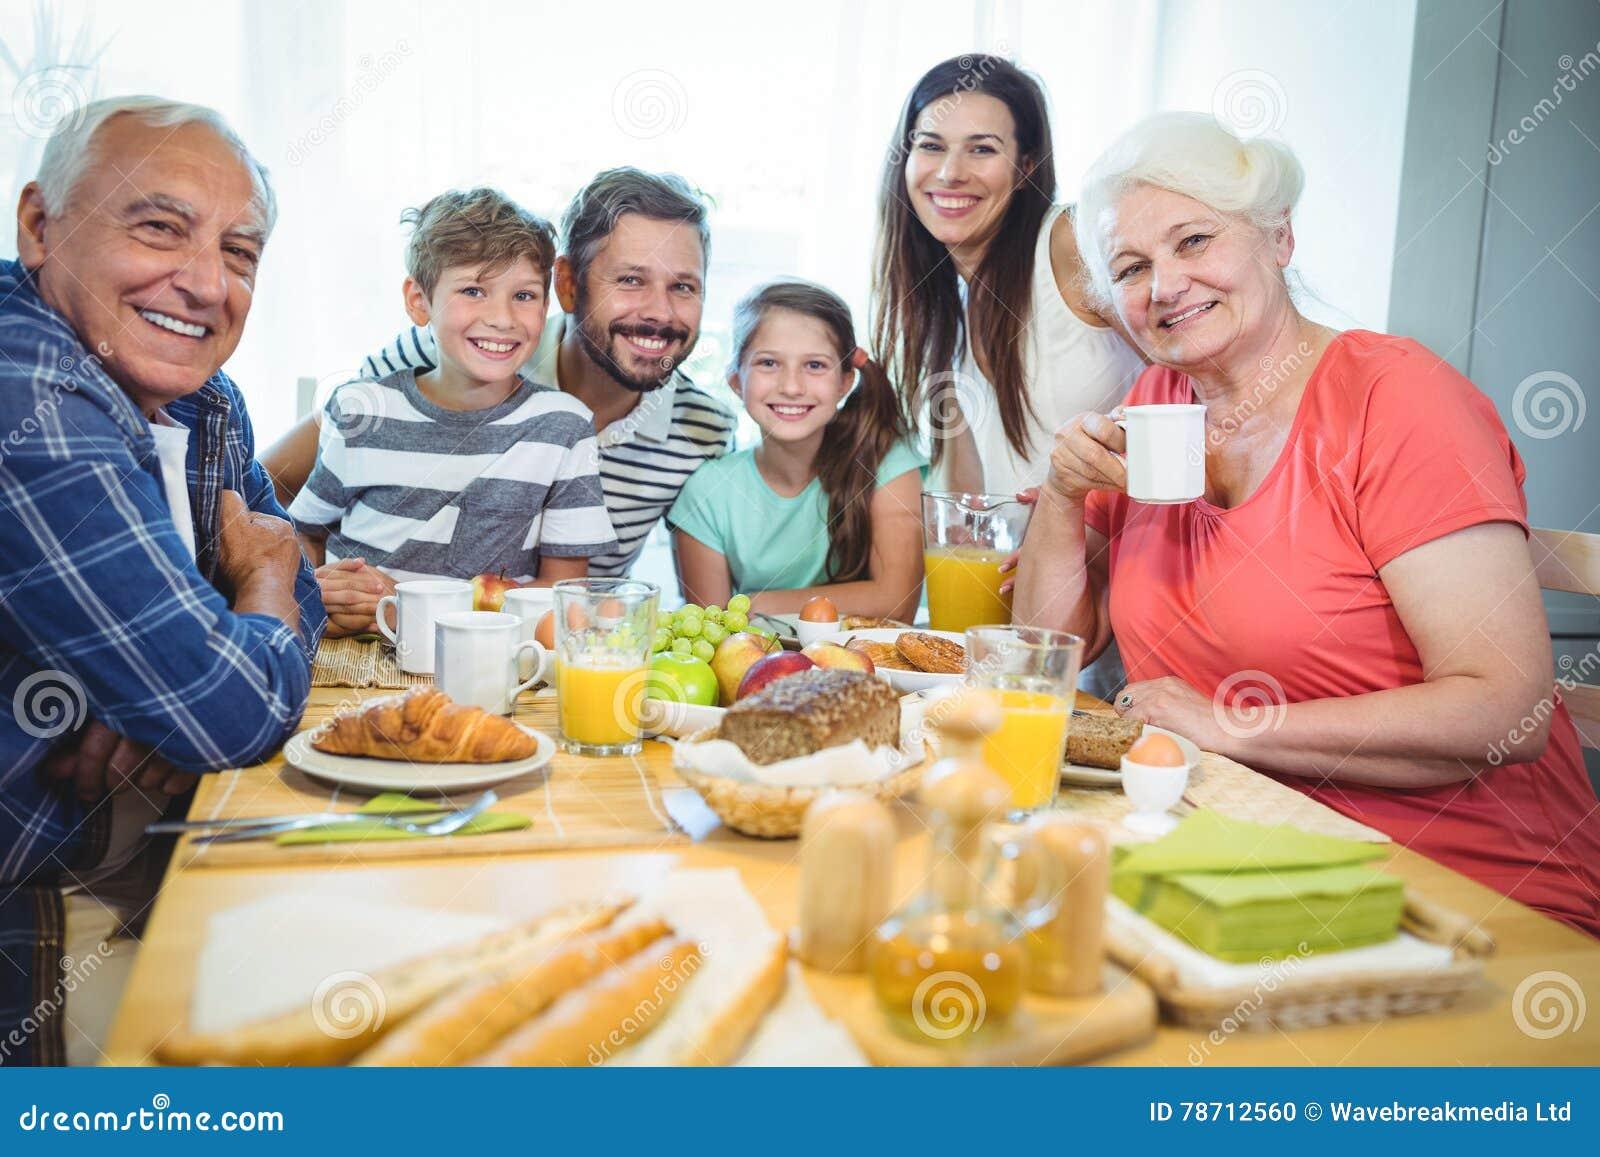 Ritratto della famiglia di diverse generazioni felice che si siede alla tavola di prima - Alla tavola della longevita ...